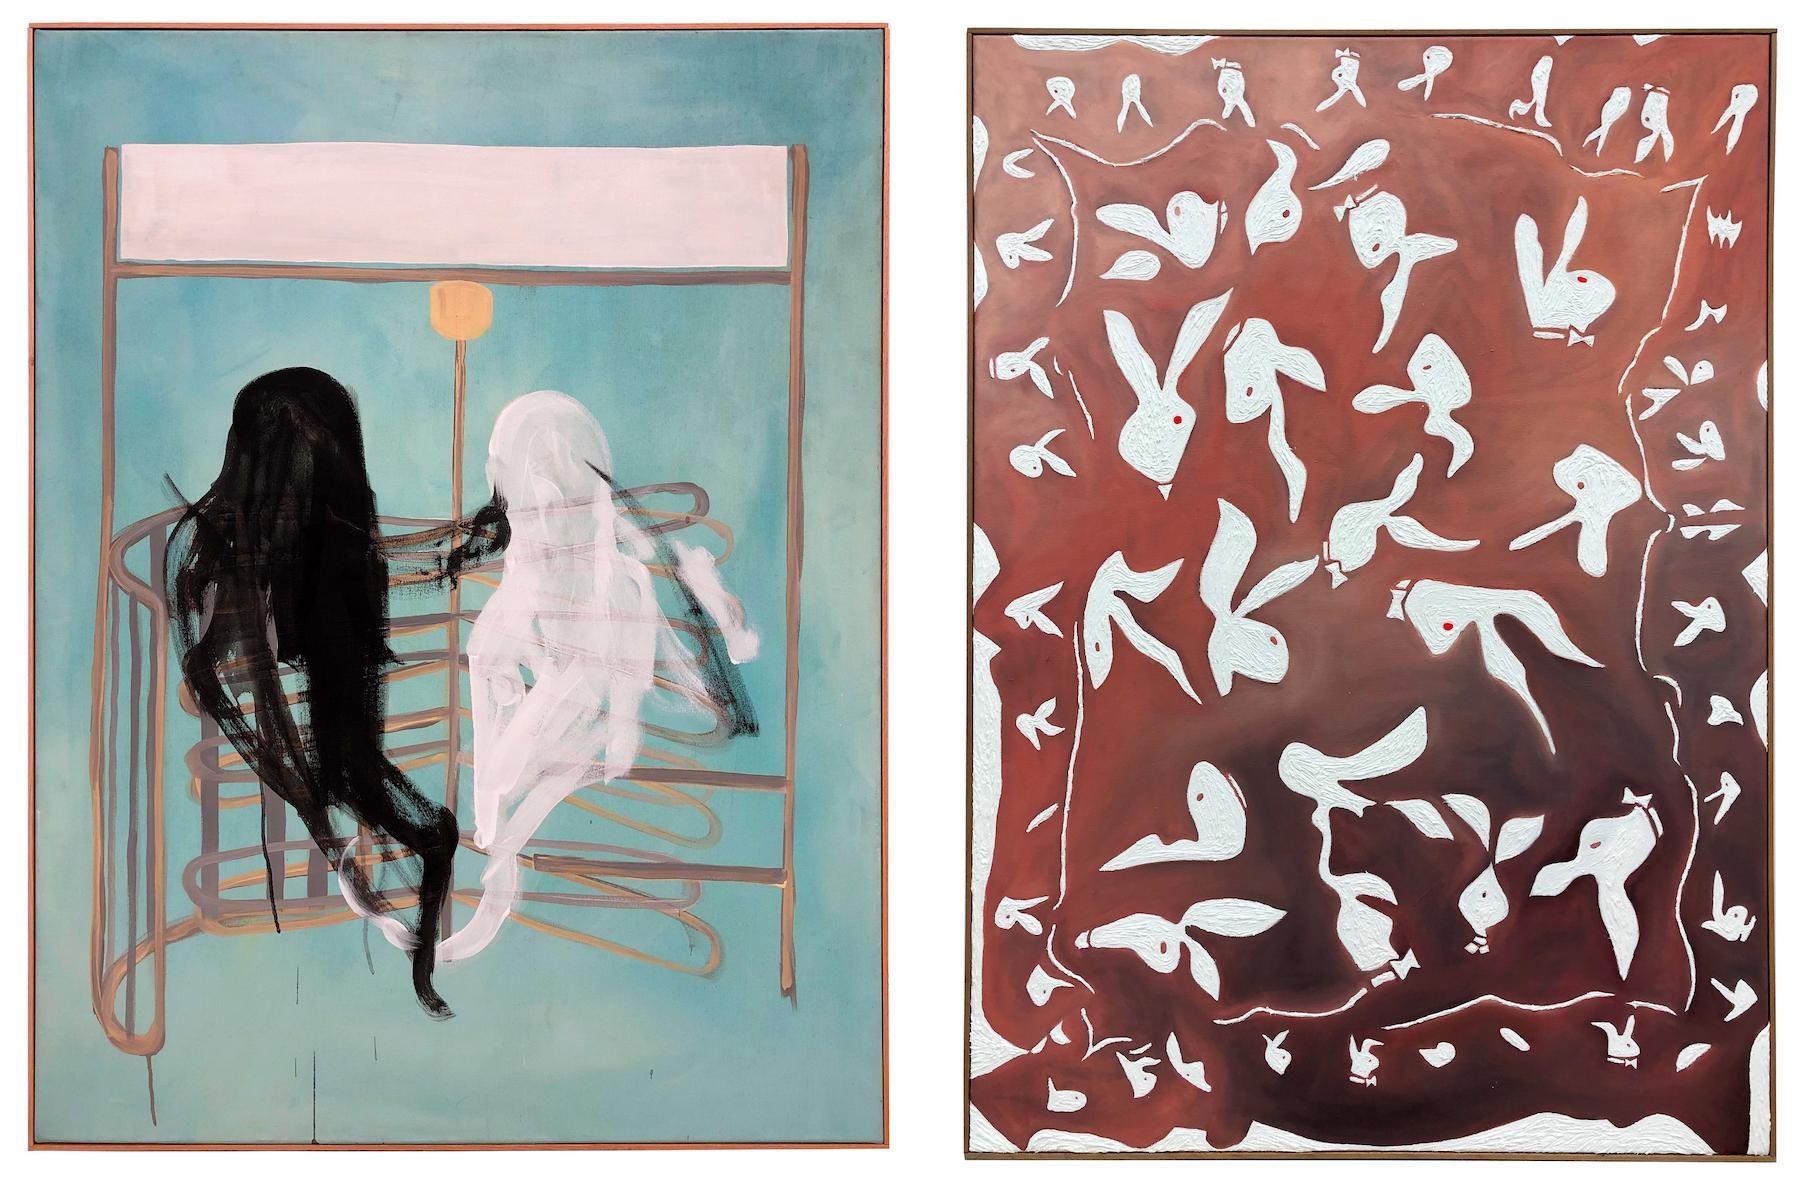 Zwei Malereien. Links: Anna Ley & Valerie von Könemann, zu sehen sind zwei Geister. Rechts: Lena Schramm, zu sehen sind Hasen mit roten Augen.